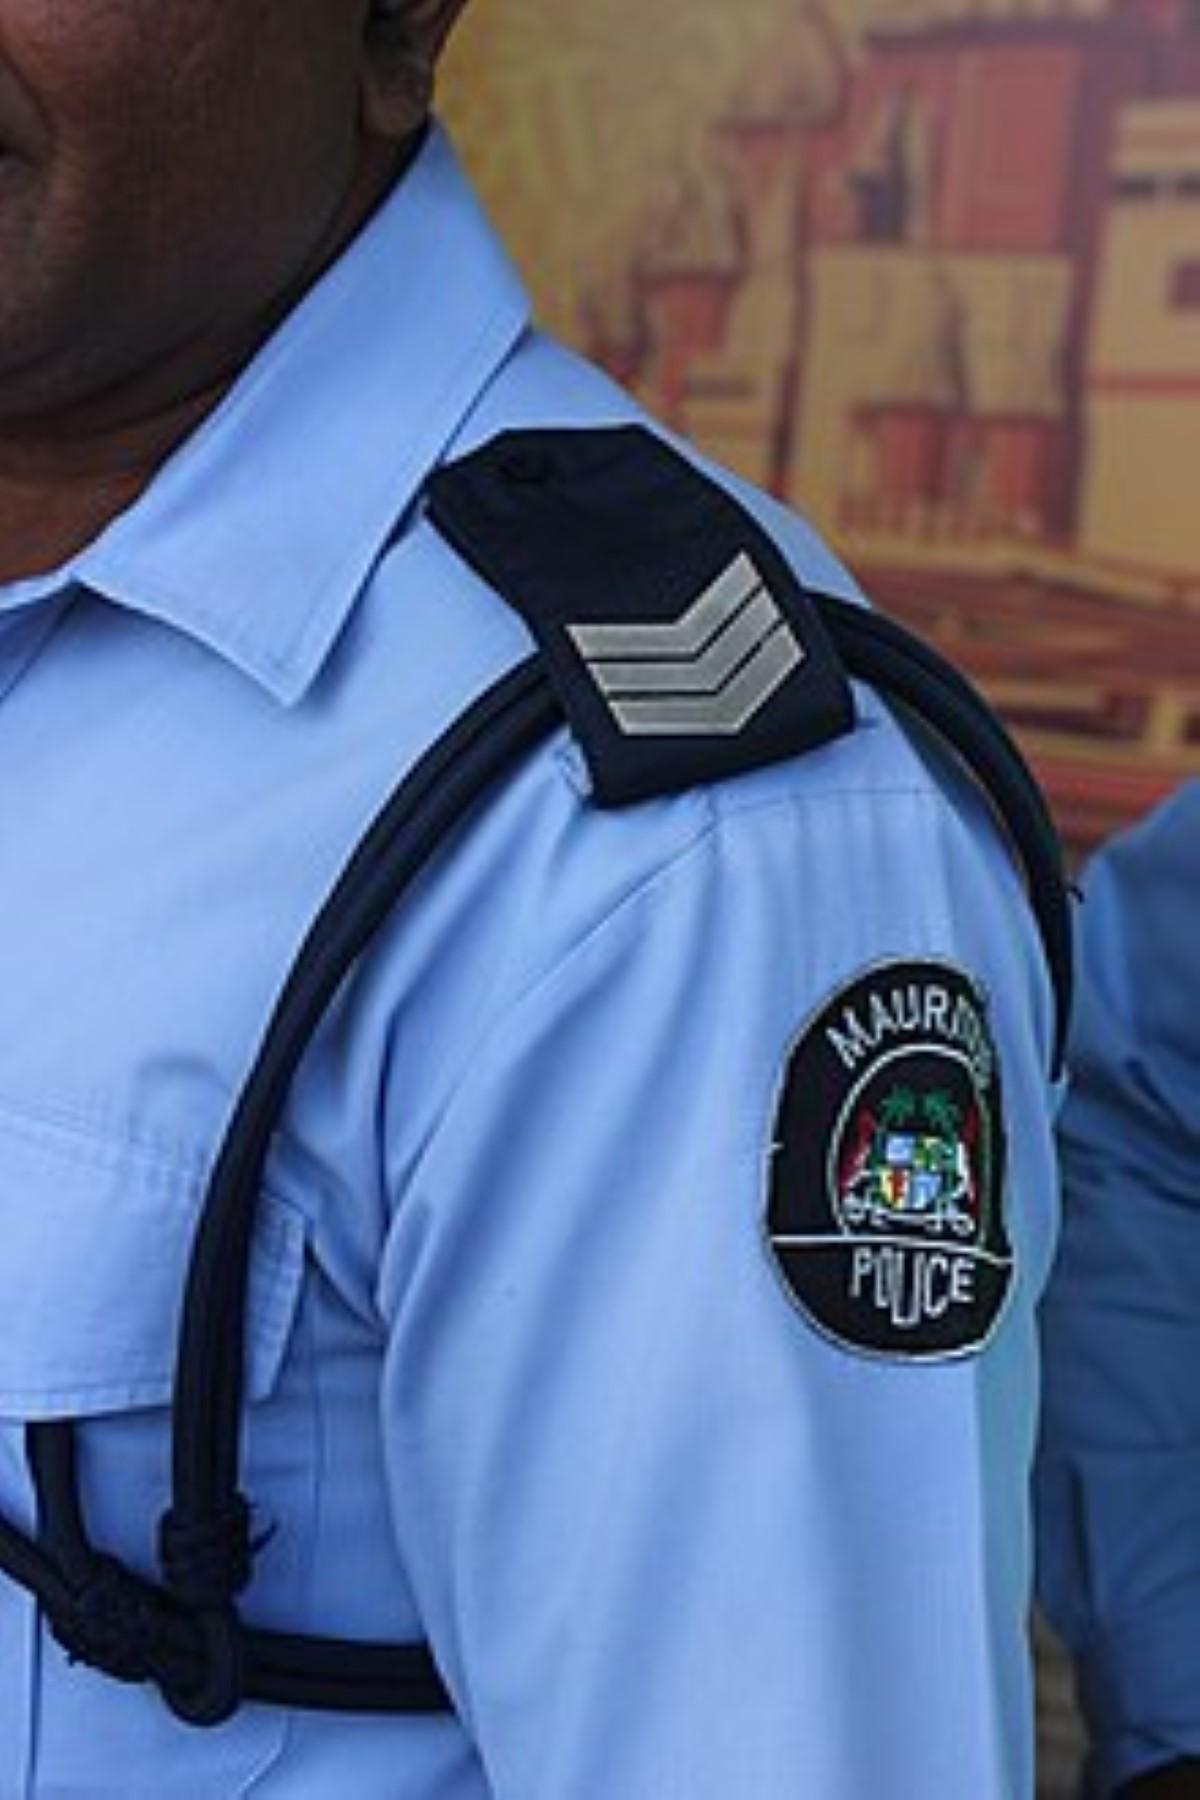 Un inspecteur de police arrêté pour violence conjugale